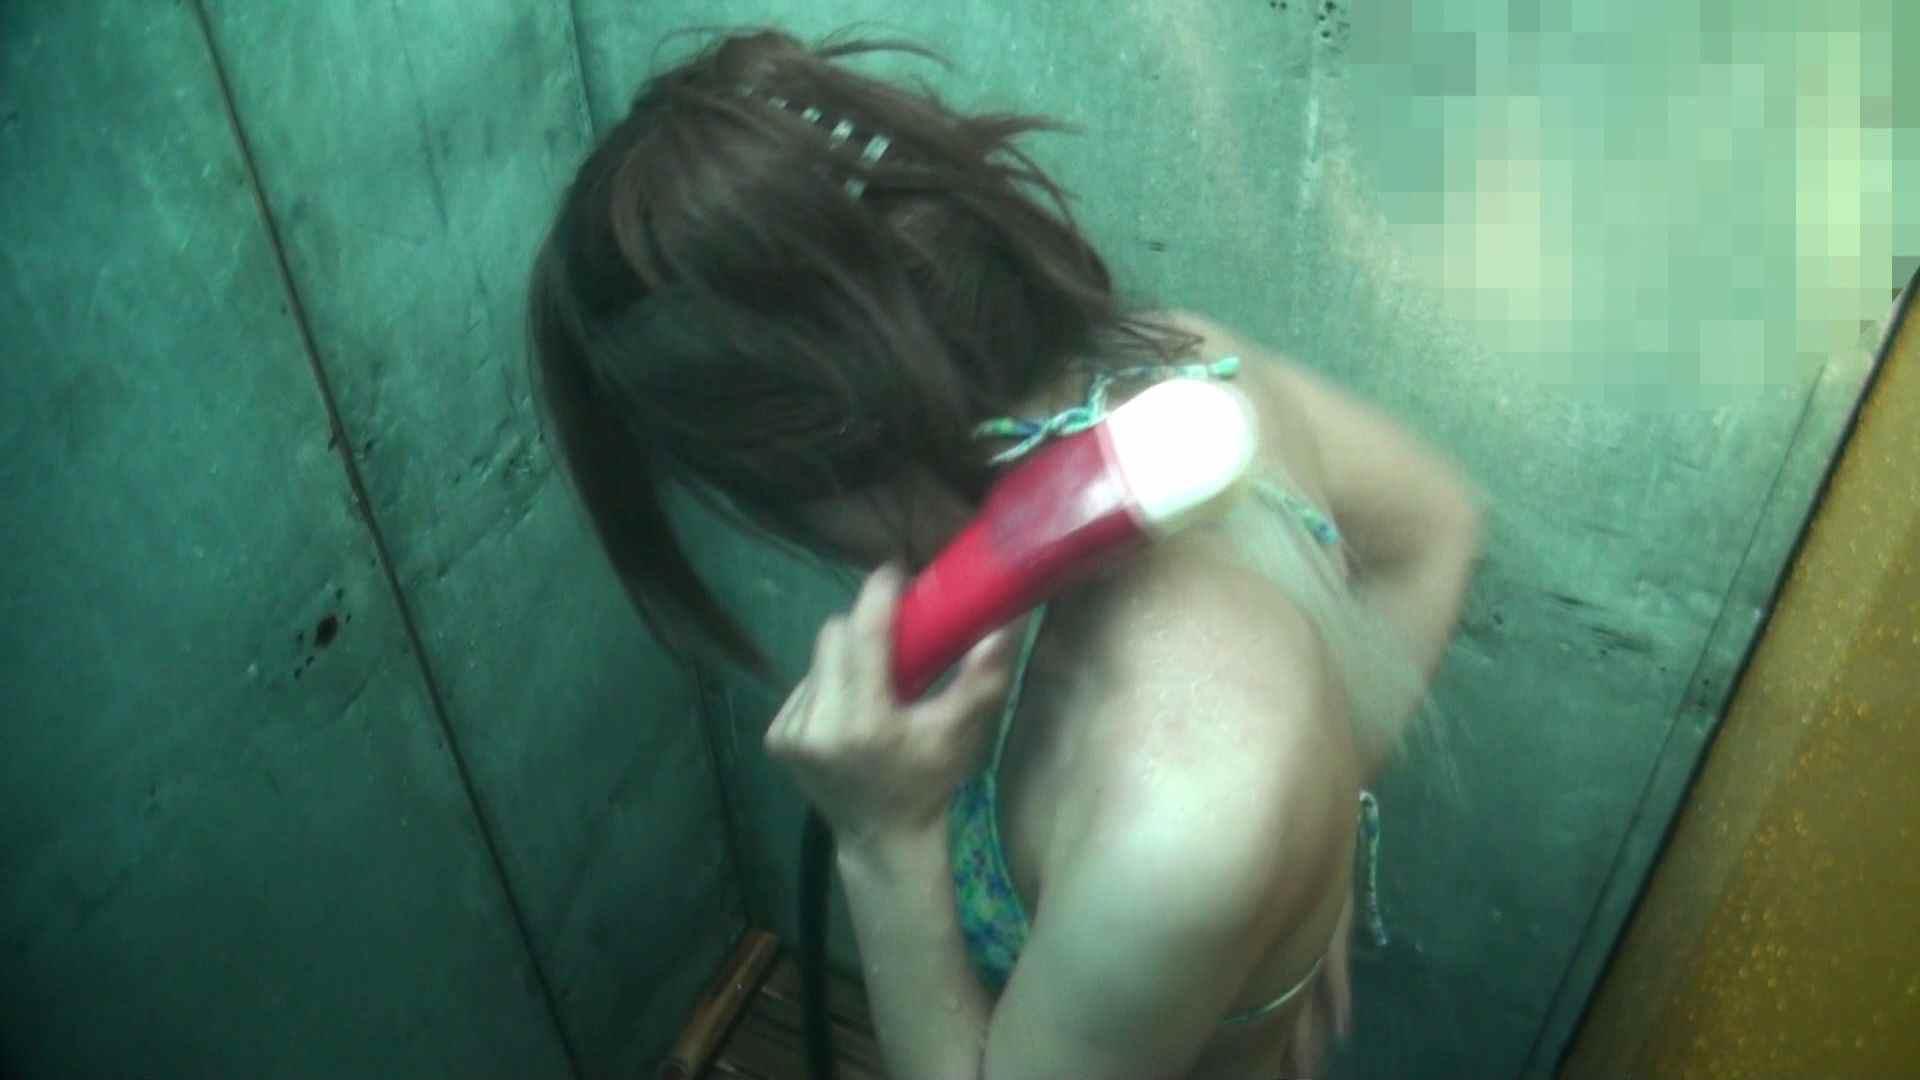 シャワールームは超!!危険な香りVol.15 残念ですが乳首未確認 マンコの砂は入念に 美しいOLの裸体 性交動画流出 70pic 17